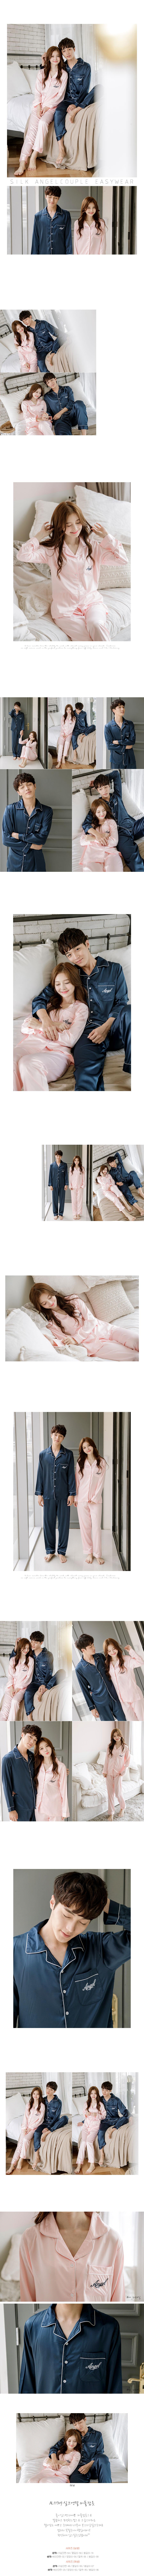 AL11709실크엔젤 커플잠옷 - 오자매, 41,800원, 잠옷, 커플파자마